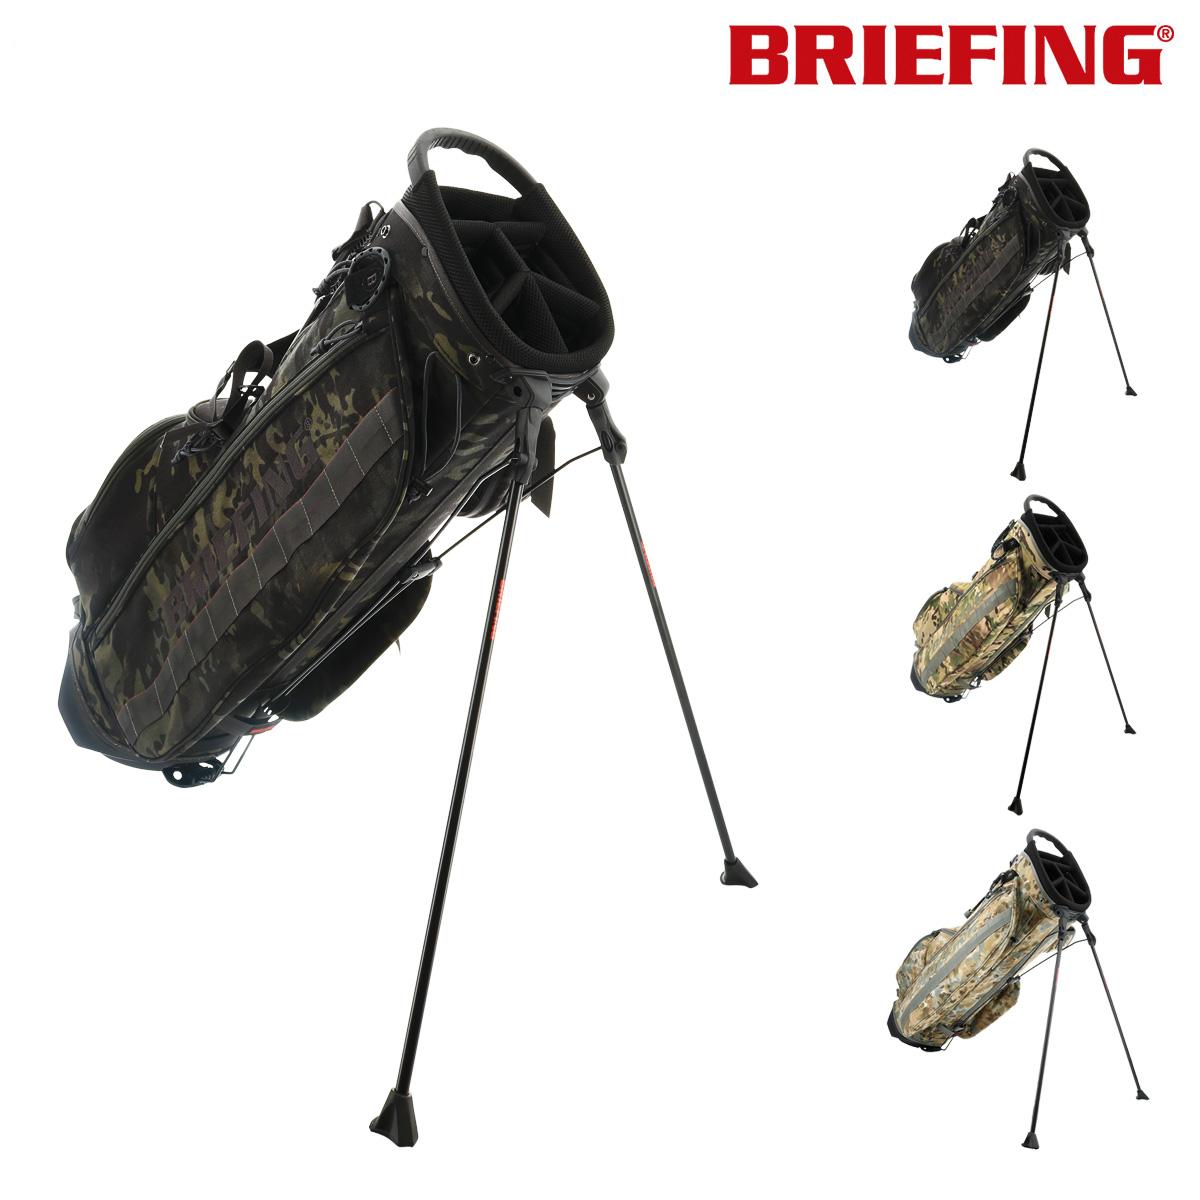 ブリーフィング ゴルフバッグ キャディバッグ メンズ BRG191D02 BRIEFING   撥水 ゴルフ[即日発送]